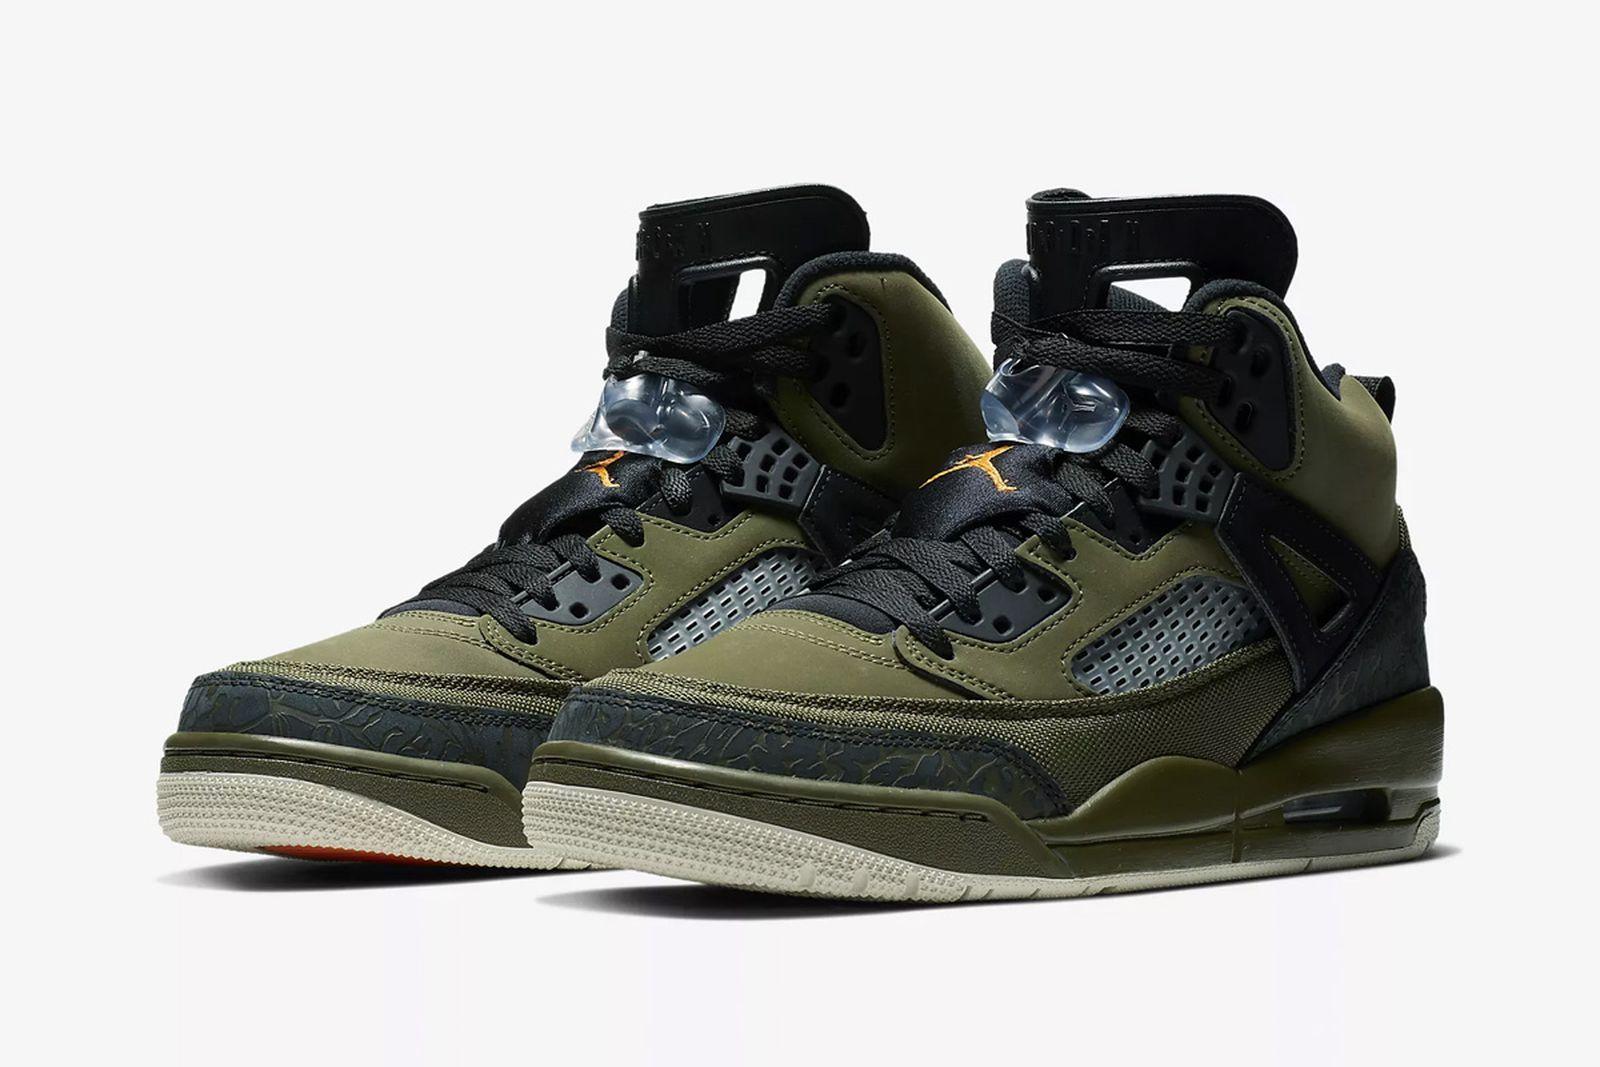 Air Jordan Spizike Drops in